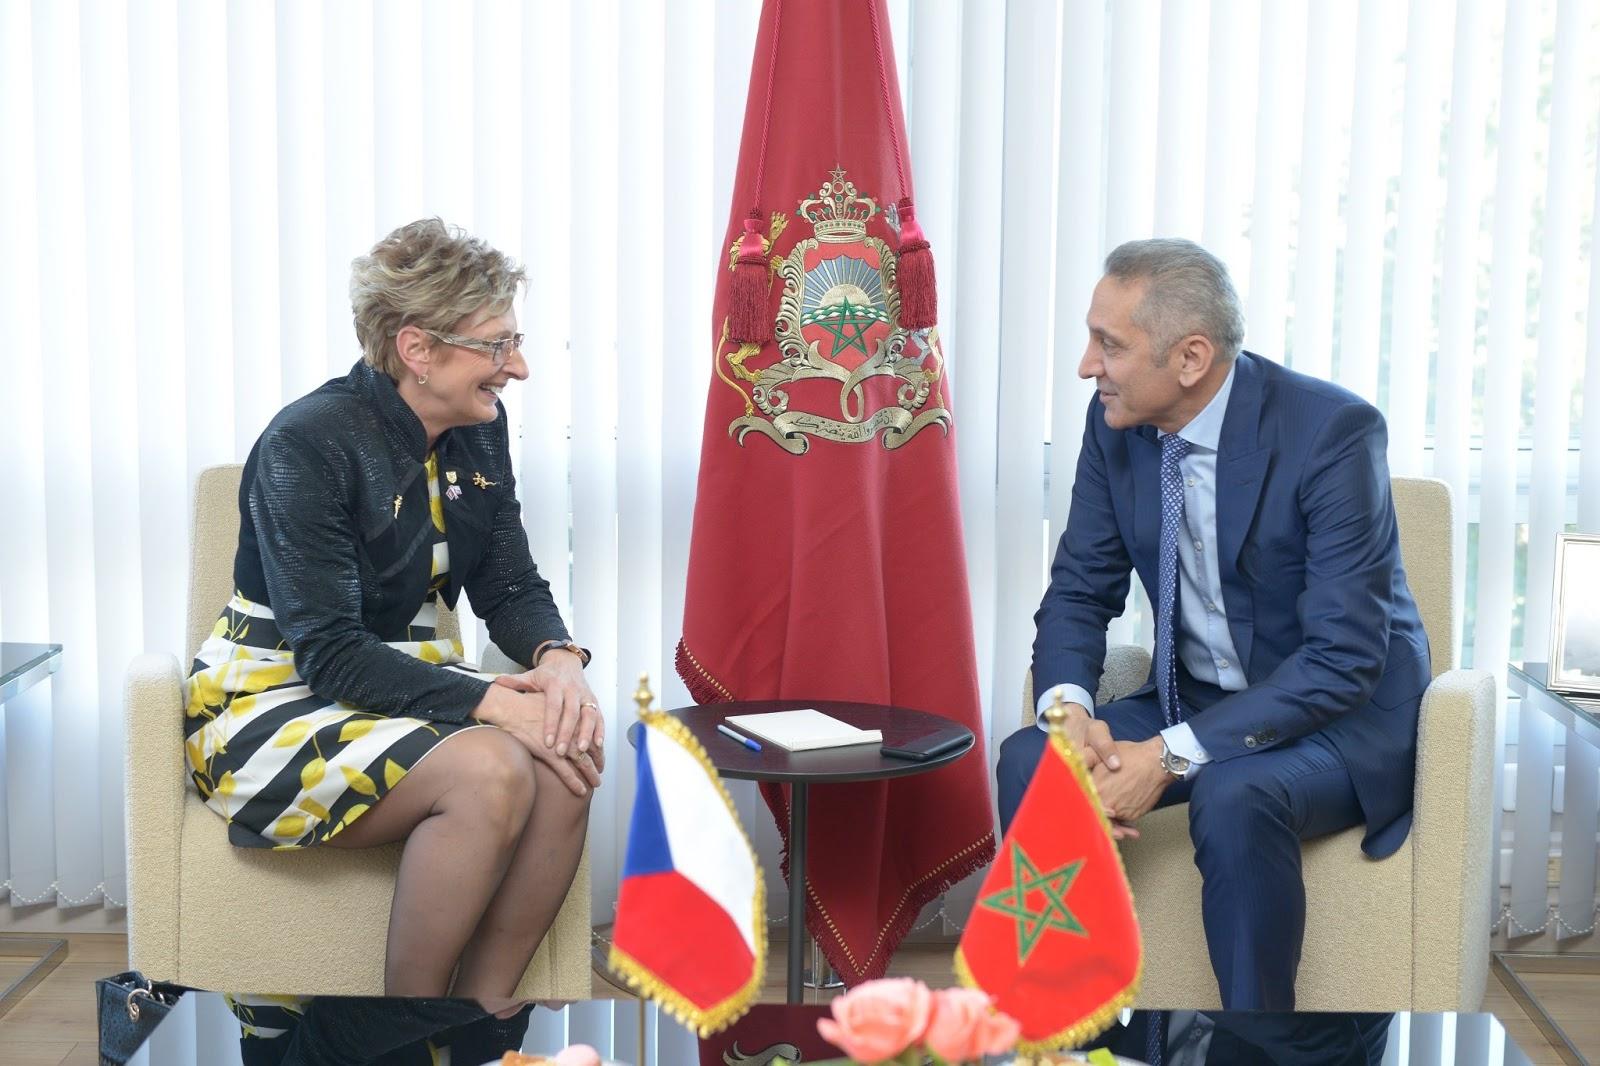 التشيك ترغب في رفع حجم إستثماراتها بالمغرب في قطاعات الصناعة والتجارة